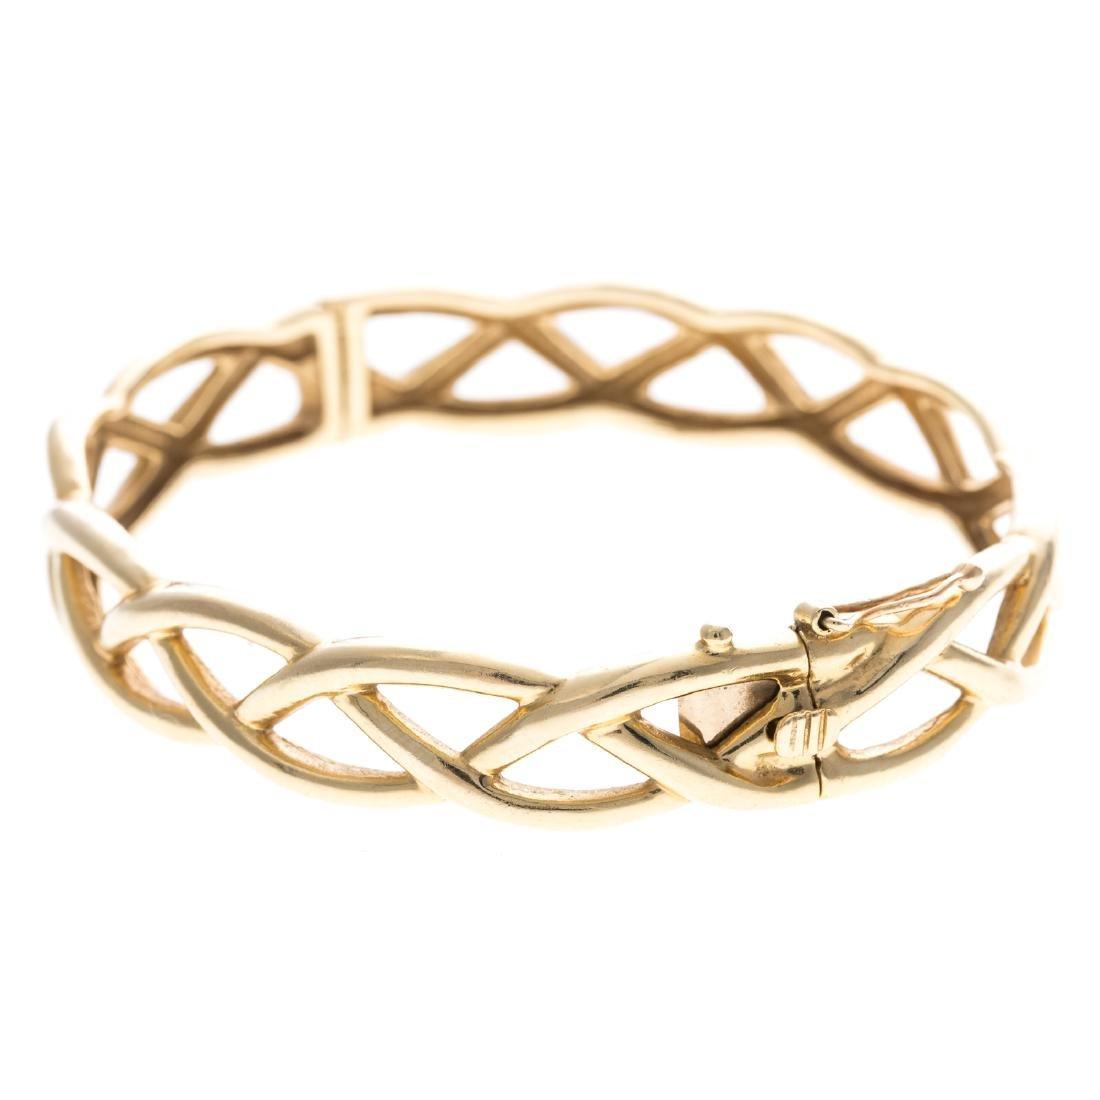 A Lady's 14K Open Weave Bangle Bracelet - 2